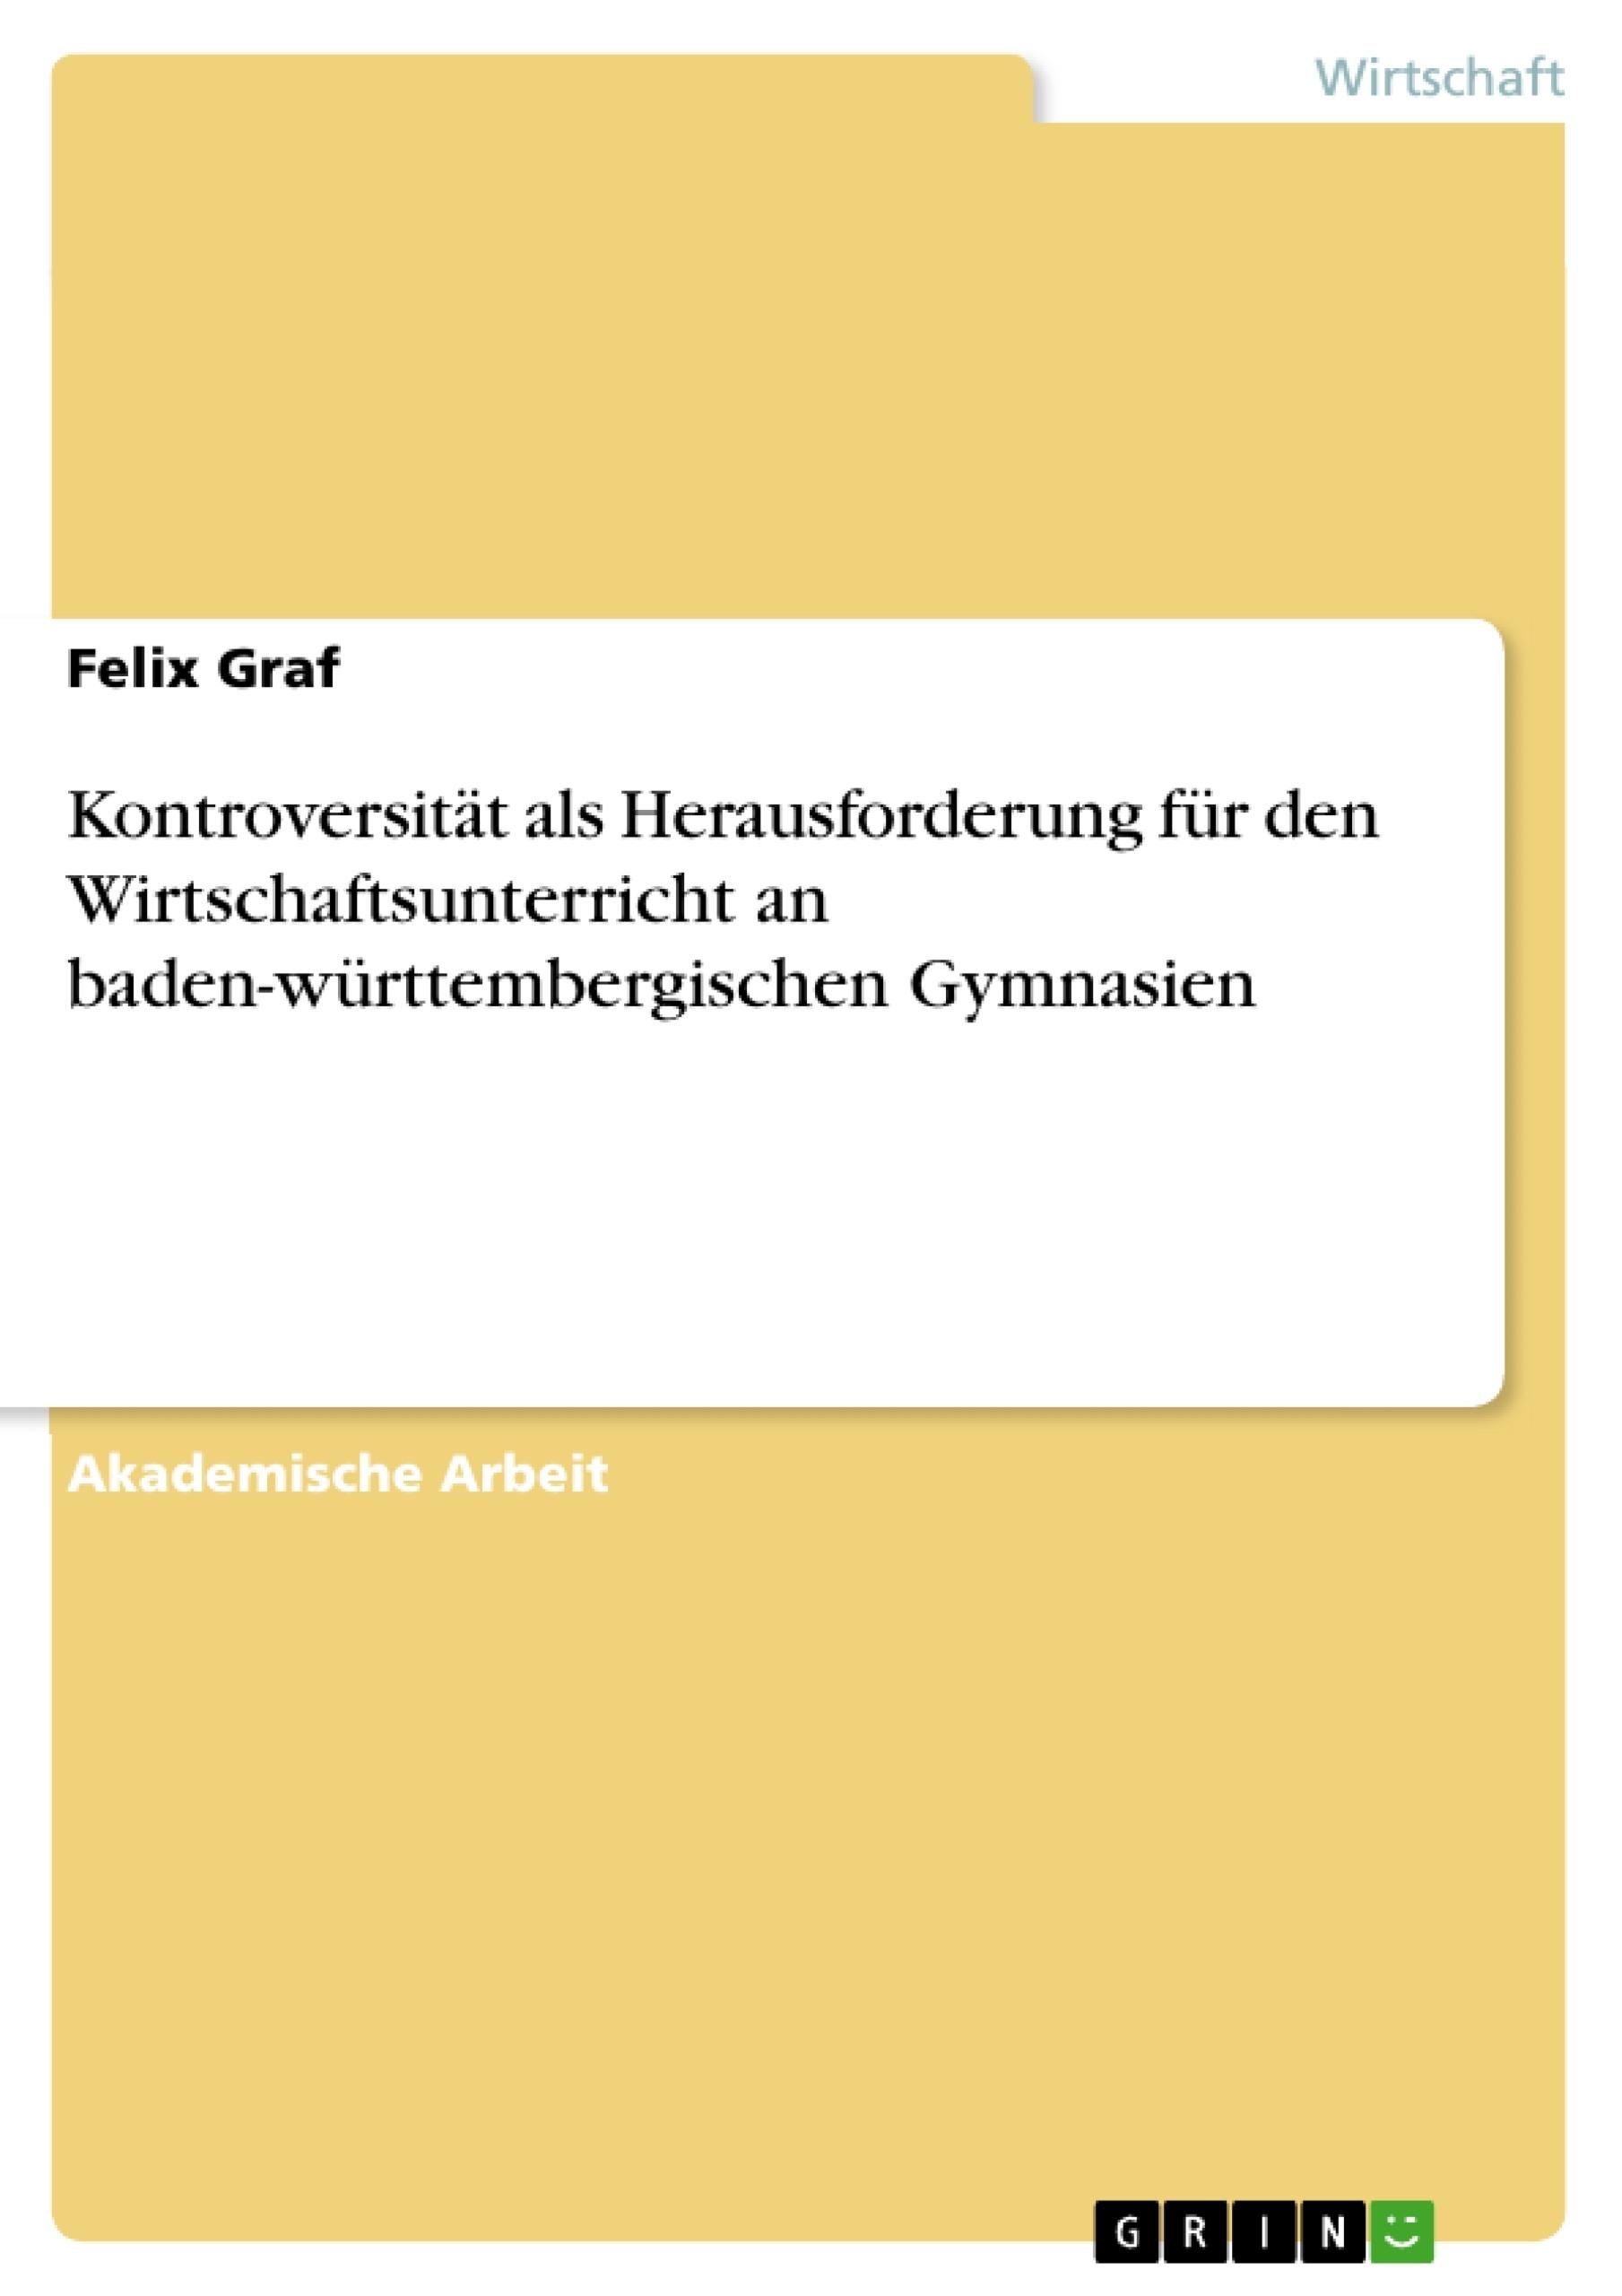 Titel: Kontroversität als Herausforderung für den Wirtschaftsunterricht an baden-württembergischen Gymnasien